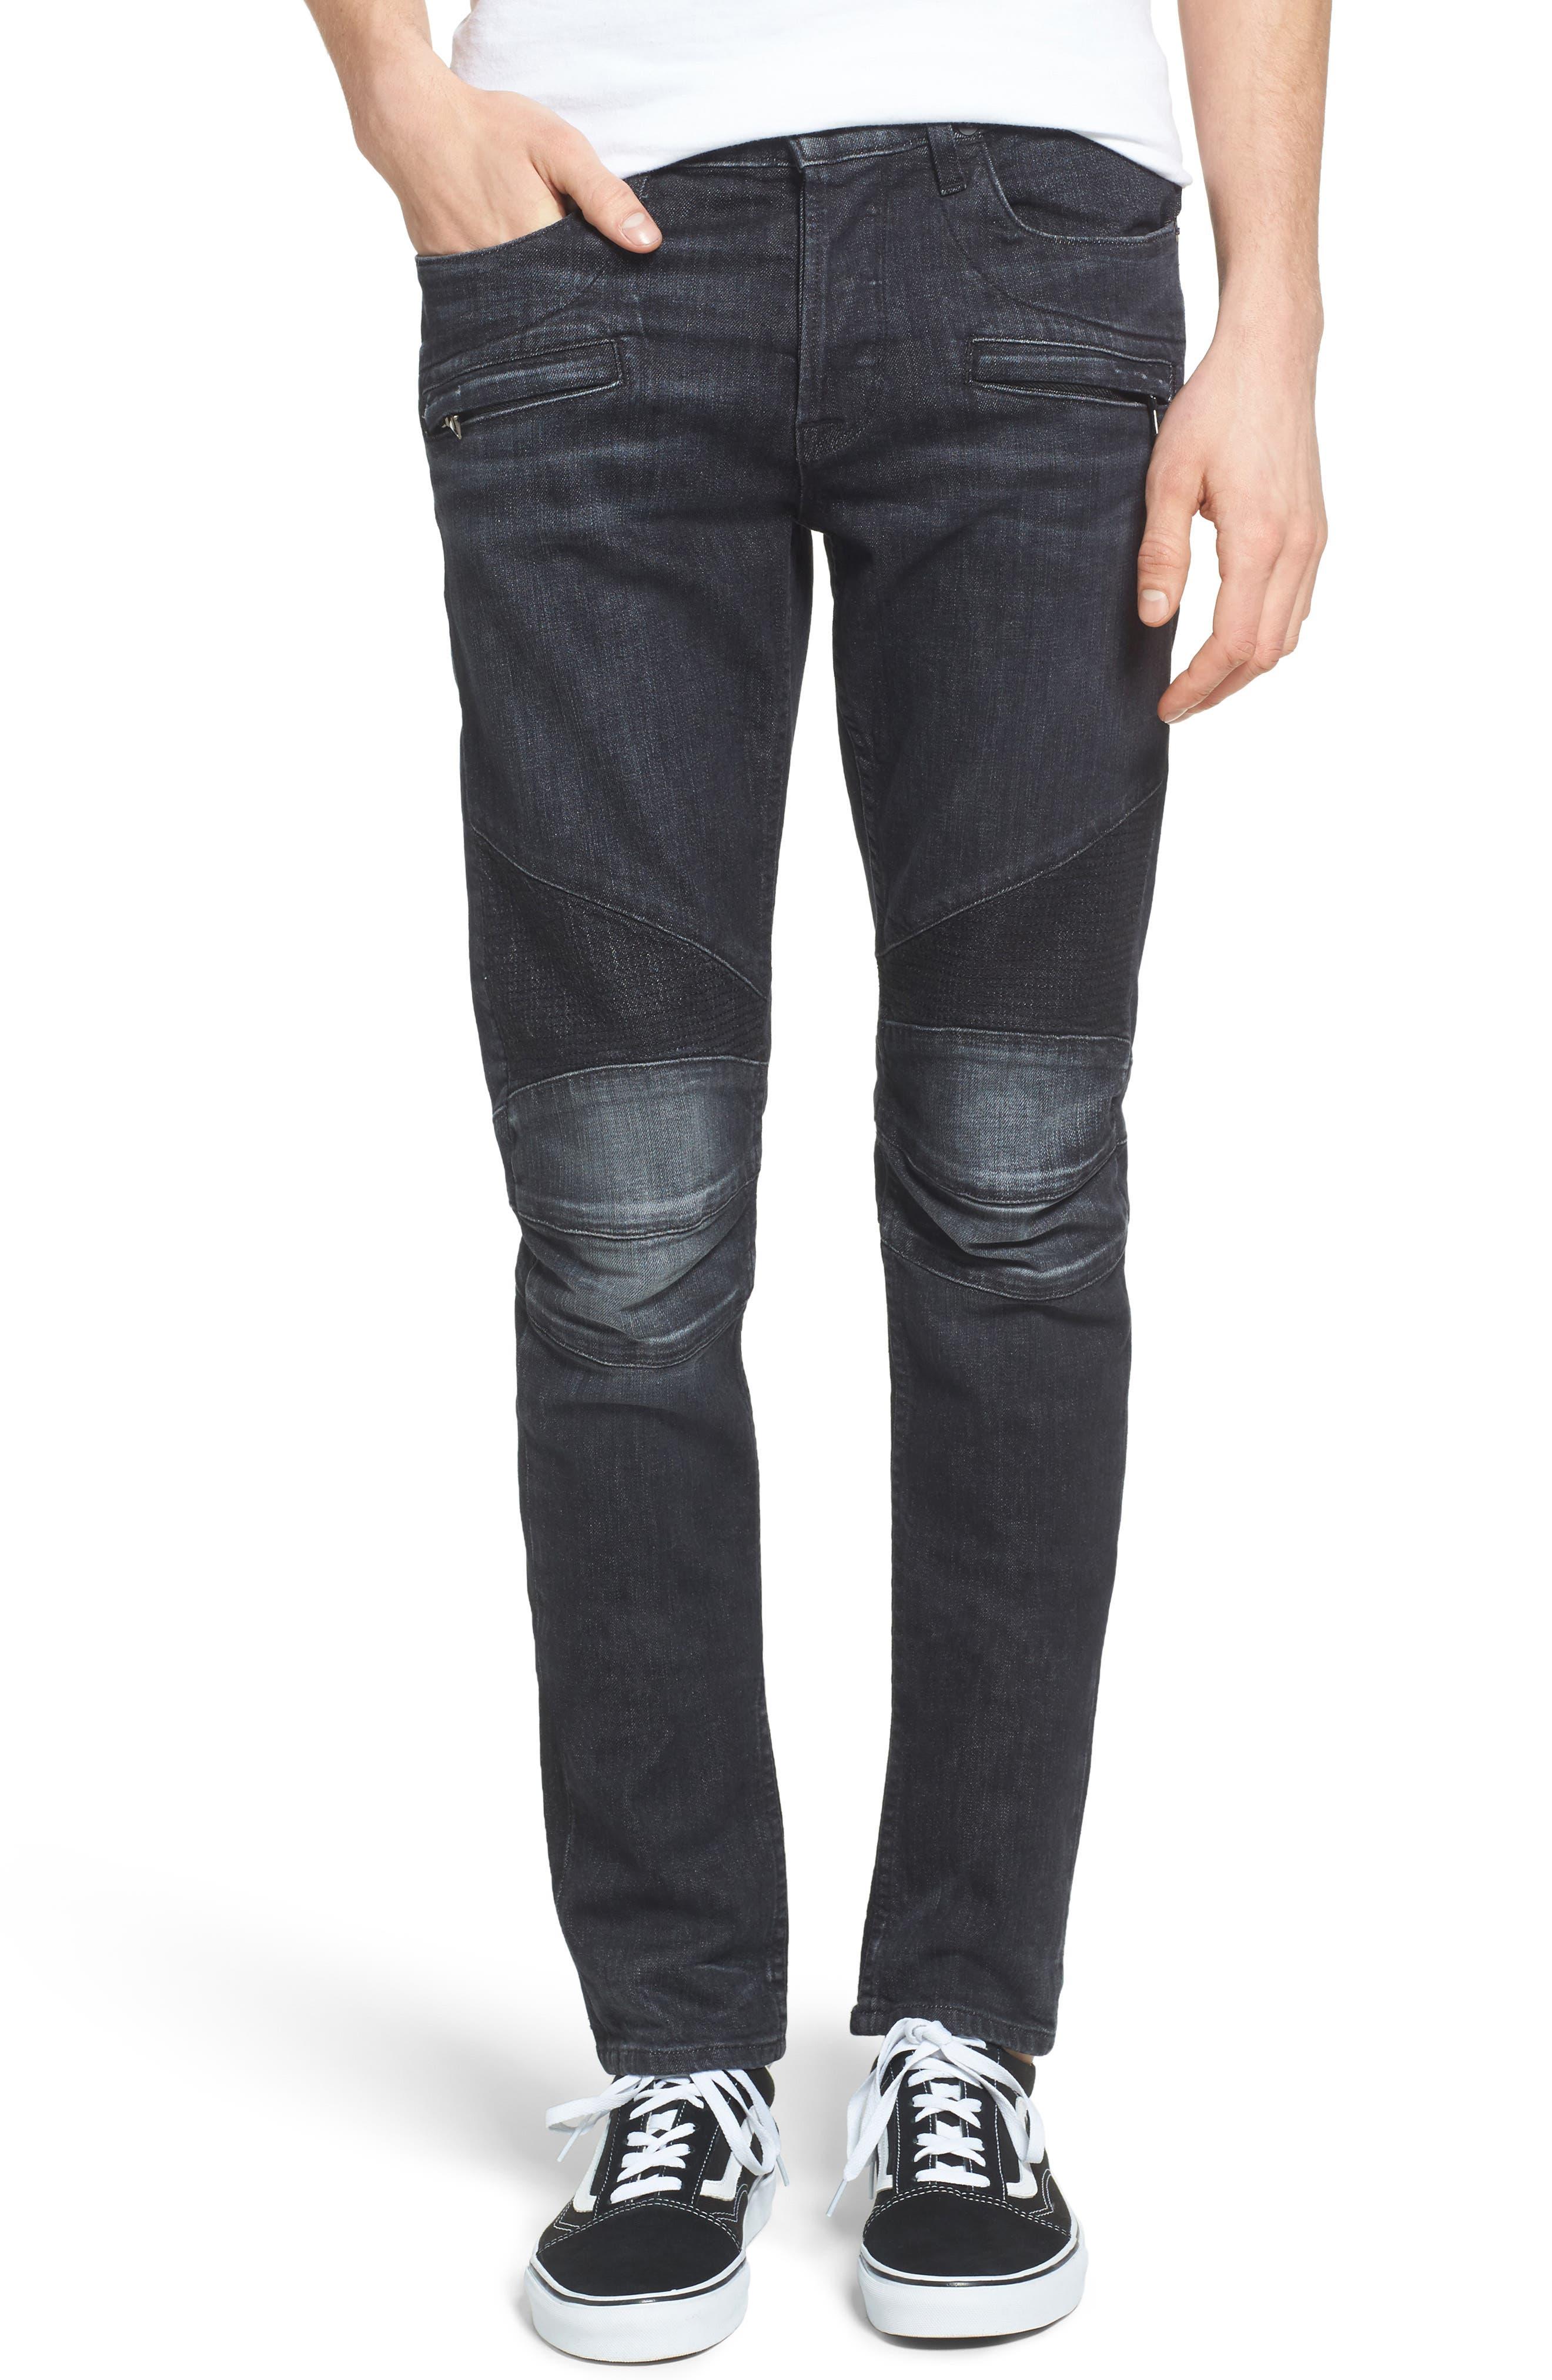 Hudson Jeans Blinder Skinny Fit Moto Jeans (Sparring)